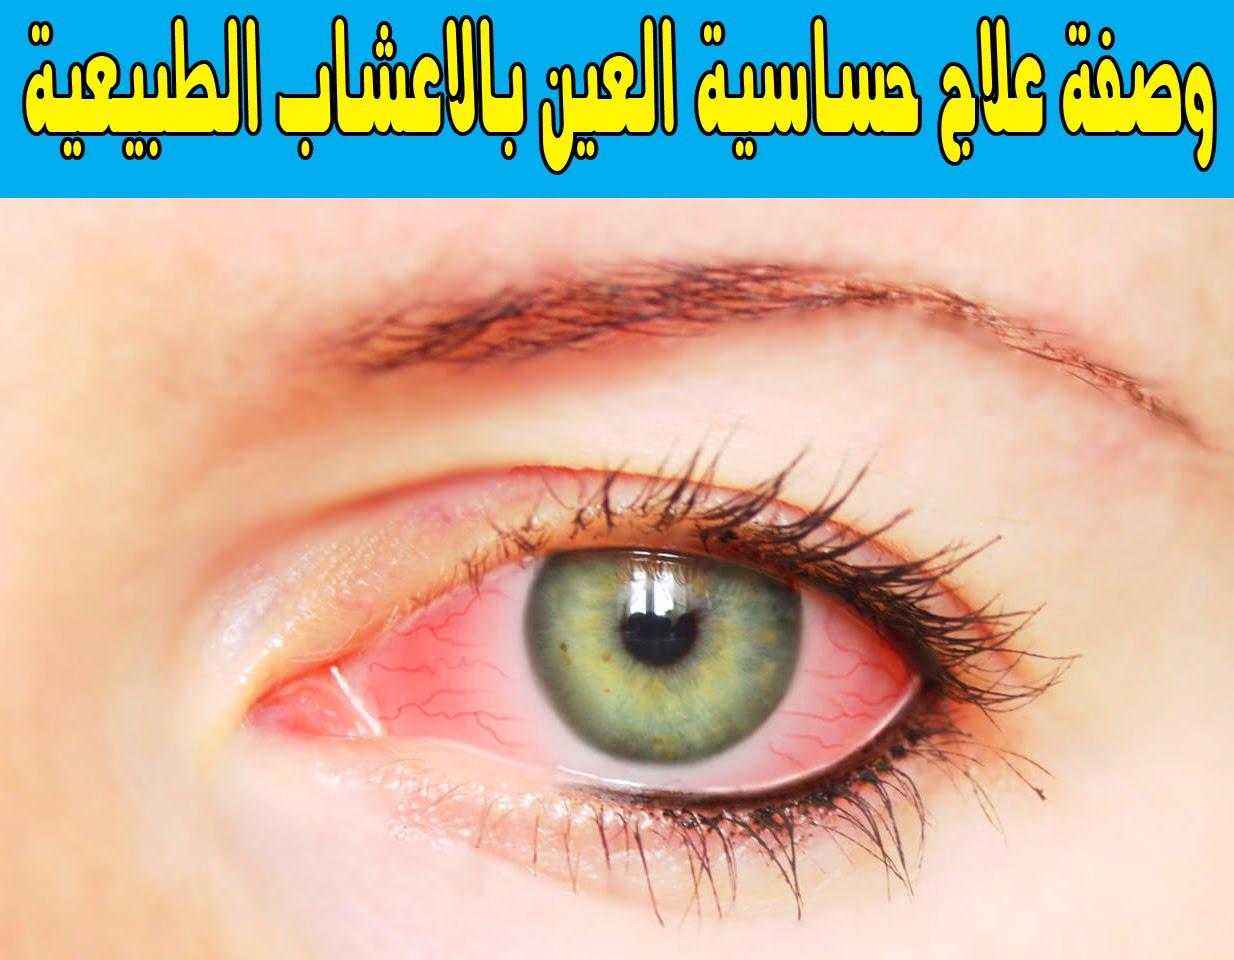 صورة علاج حساسية العين , كيفيه التخلص من حساسيه العين